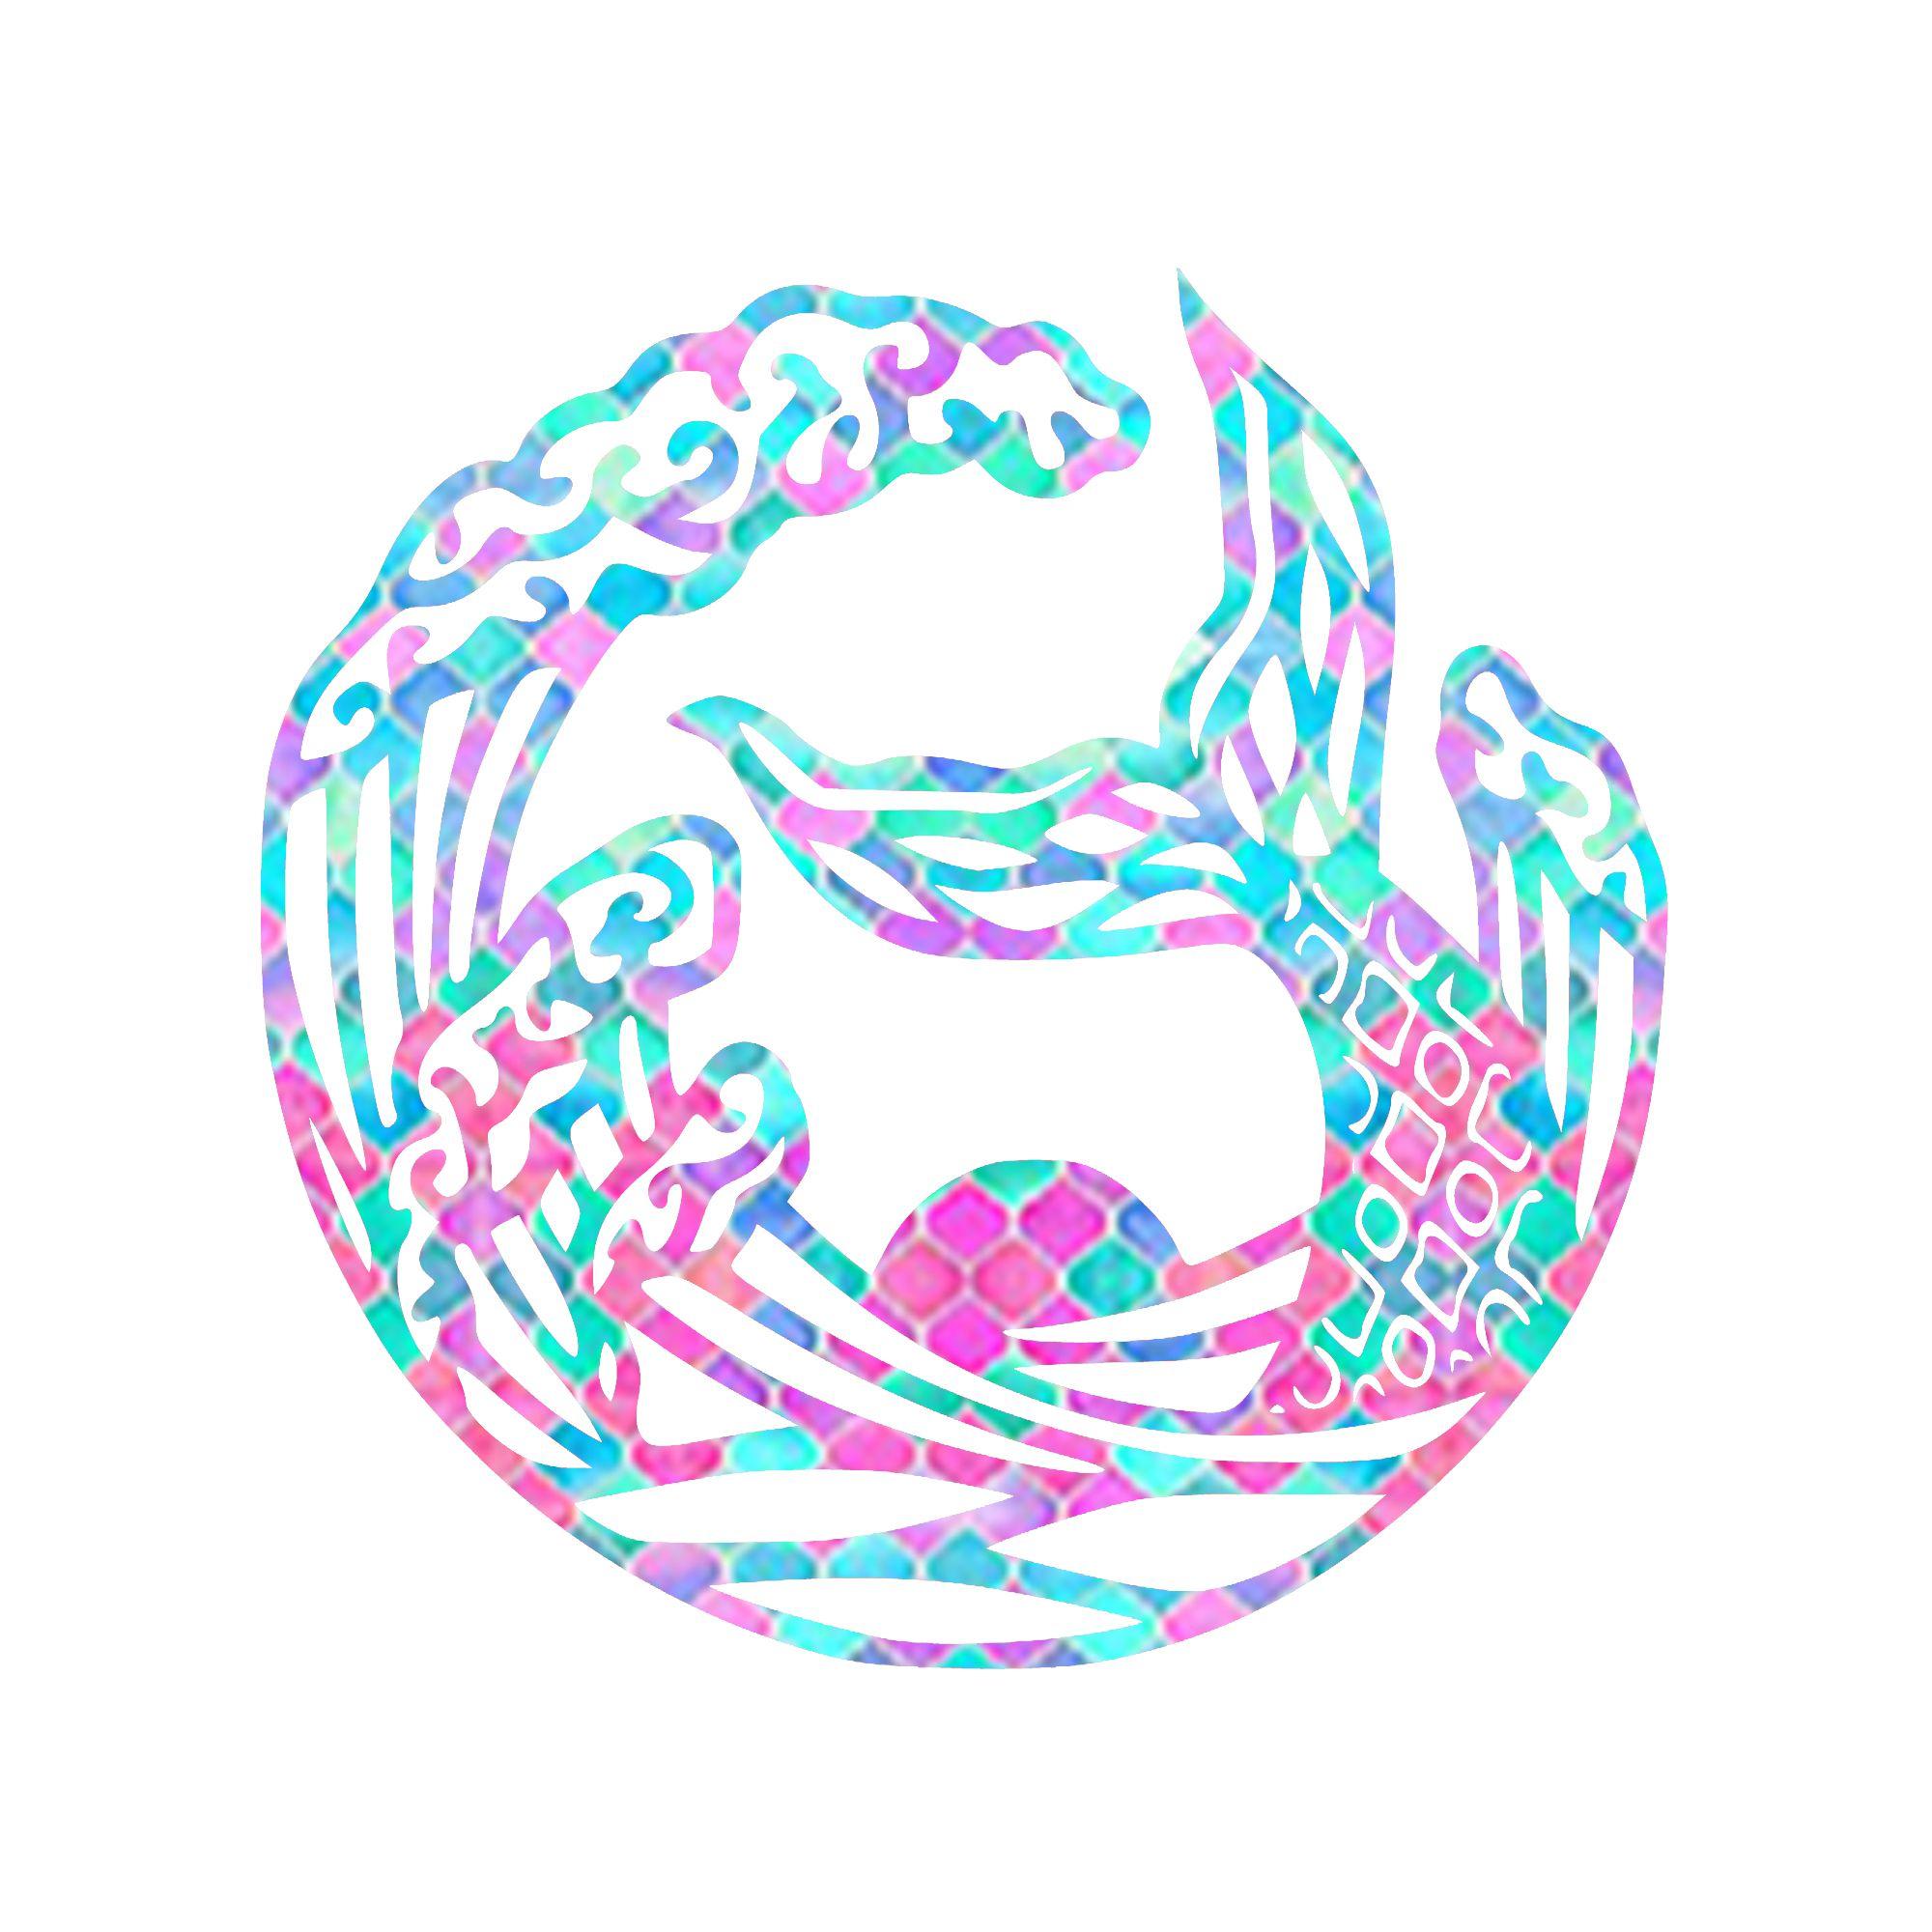 Mermaid Tail Ocean Waves Decal Mermaid Beach Vibes Salt Etsy Mermaid Decal Ocean Waves Mermaid Theme [ 2000 x 2000 Pixel ]